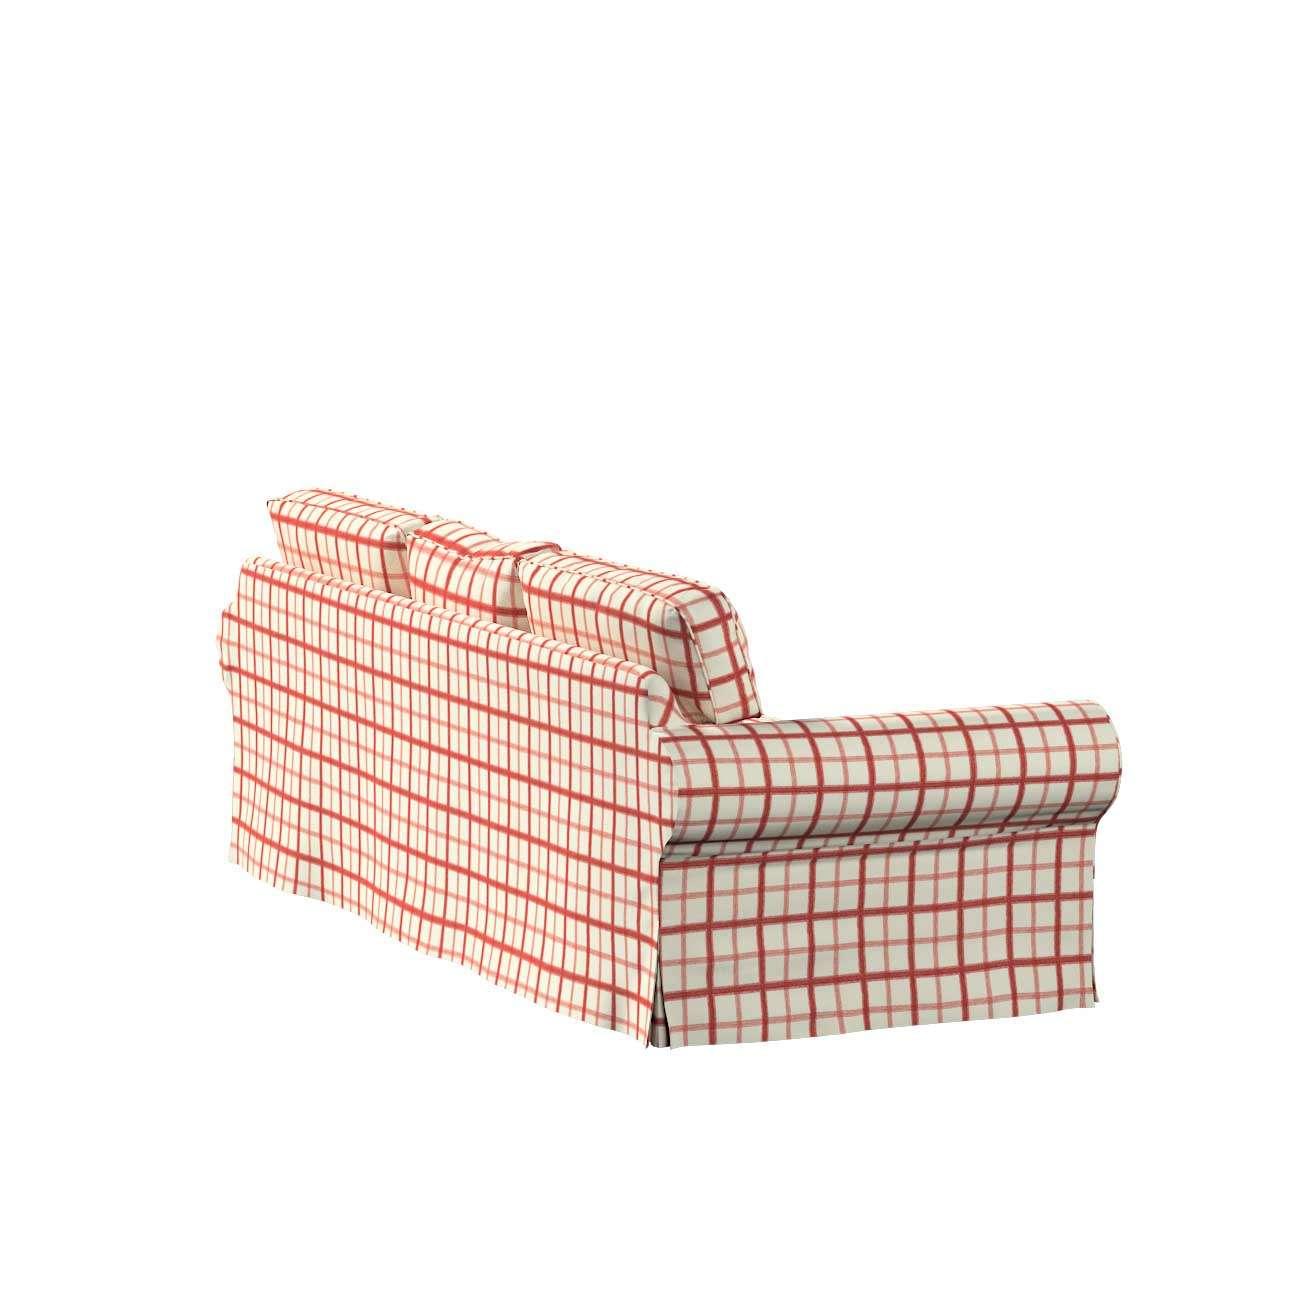 Ektorp 3-Sitzer Schlafsofabezug, ALTES Modell von der Kollektion Avinon, Stoff: 131-15